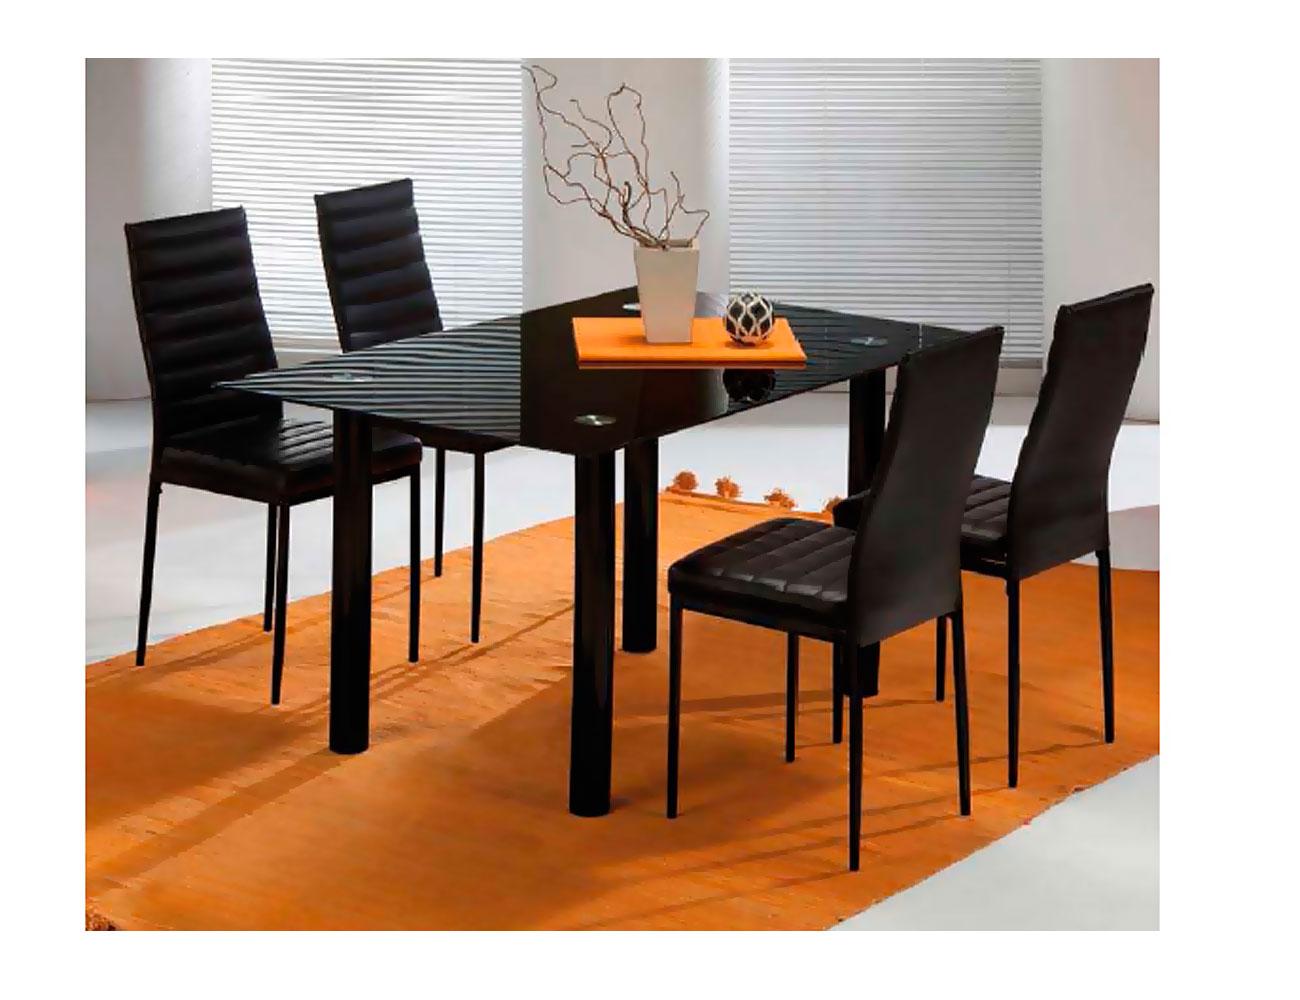 Mesa de comedor con cristal templado negro y patas metálicas en negro